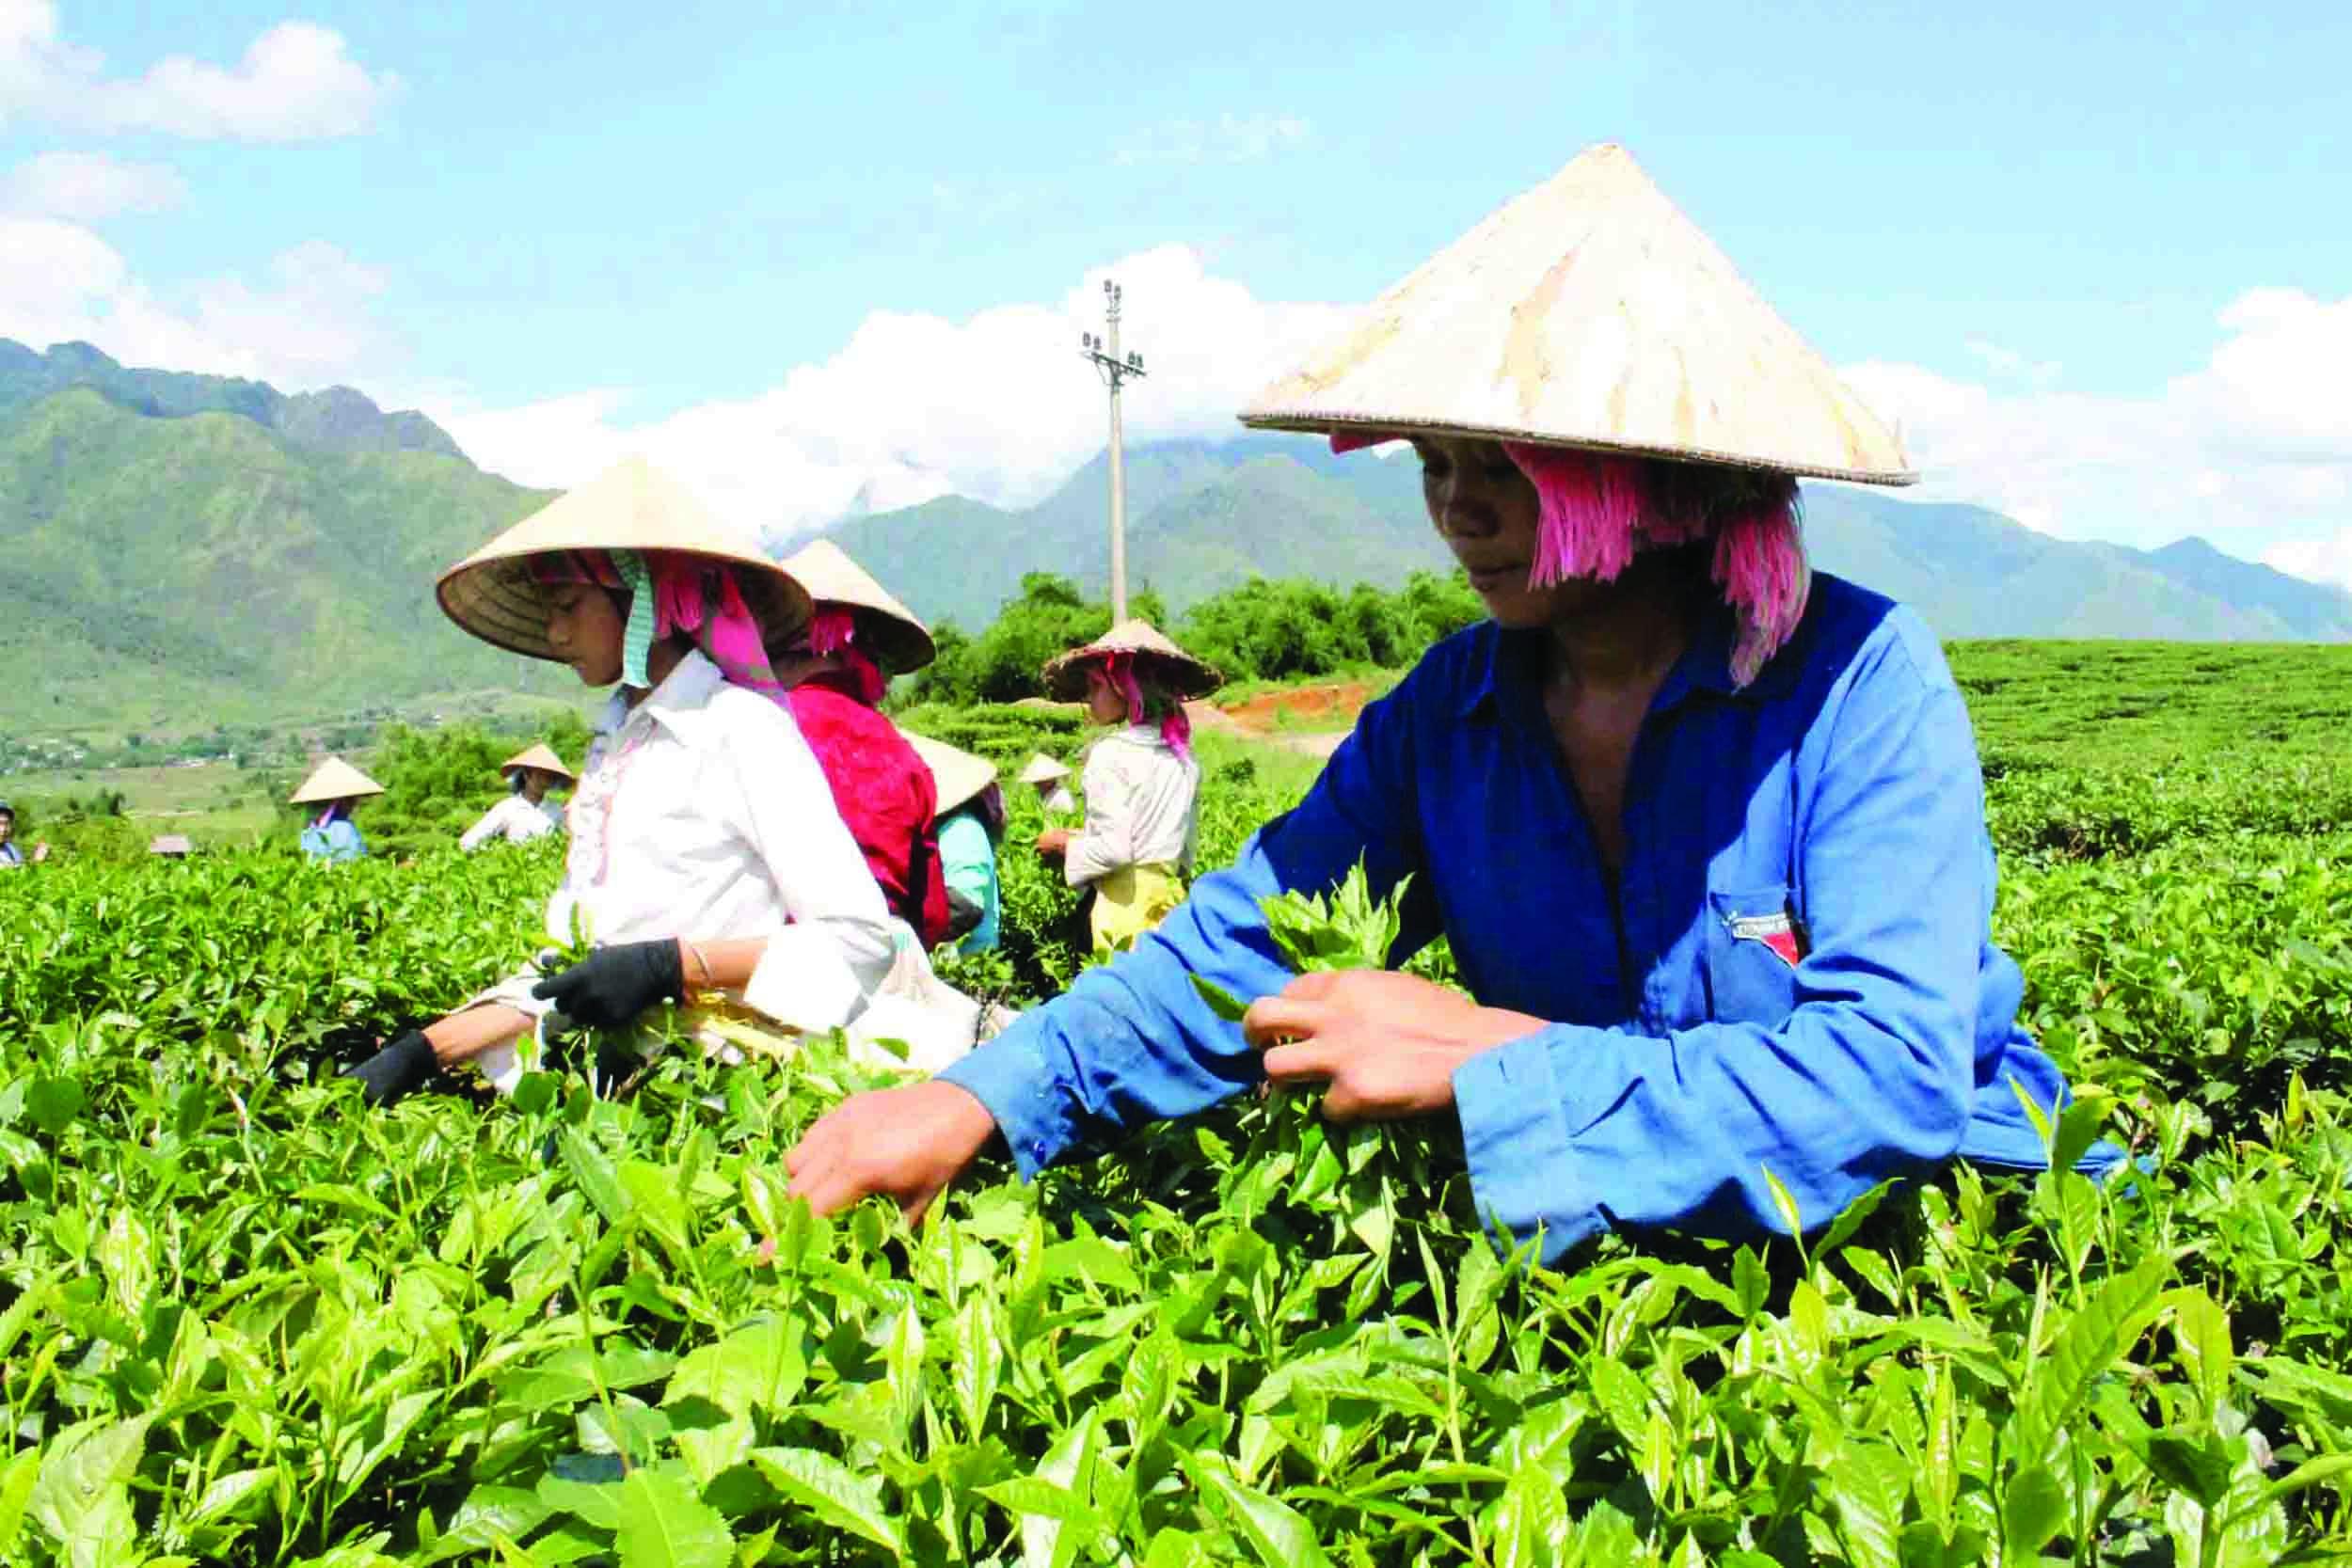 Nhờ chuyển dịch cơ cấu cây trồng vật nuôi, đời sống của đồng bào các dân tộc huyện Tân Uyên không ngừng được cải thiện.